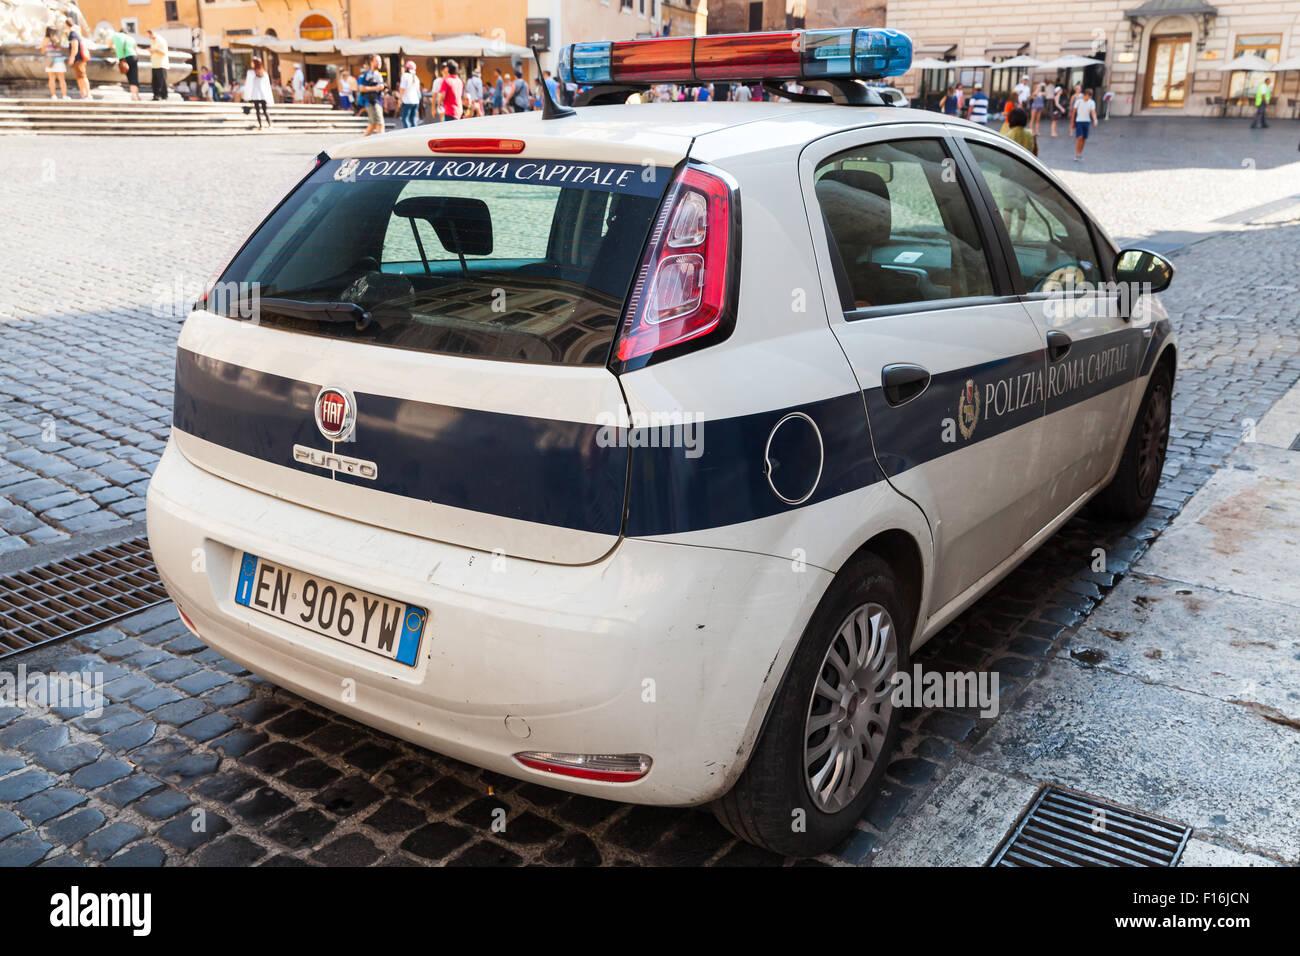 Fiat Punto Roma on fiat barchetta, fiat stilo, fiat coupe, fiat x1/9, fiat linea, fiat cinquecento, fiat 500 turbo, fiat cars, fiat marea, fiat ritmo, fiat bravo, fiat seicento, fiat spider, fiat doblo, fiat 500l, fiat 500 abarth, fiat multipla, fiat panda,